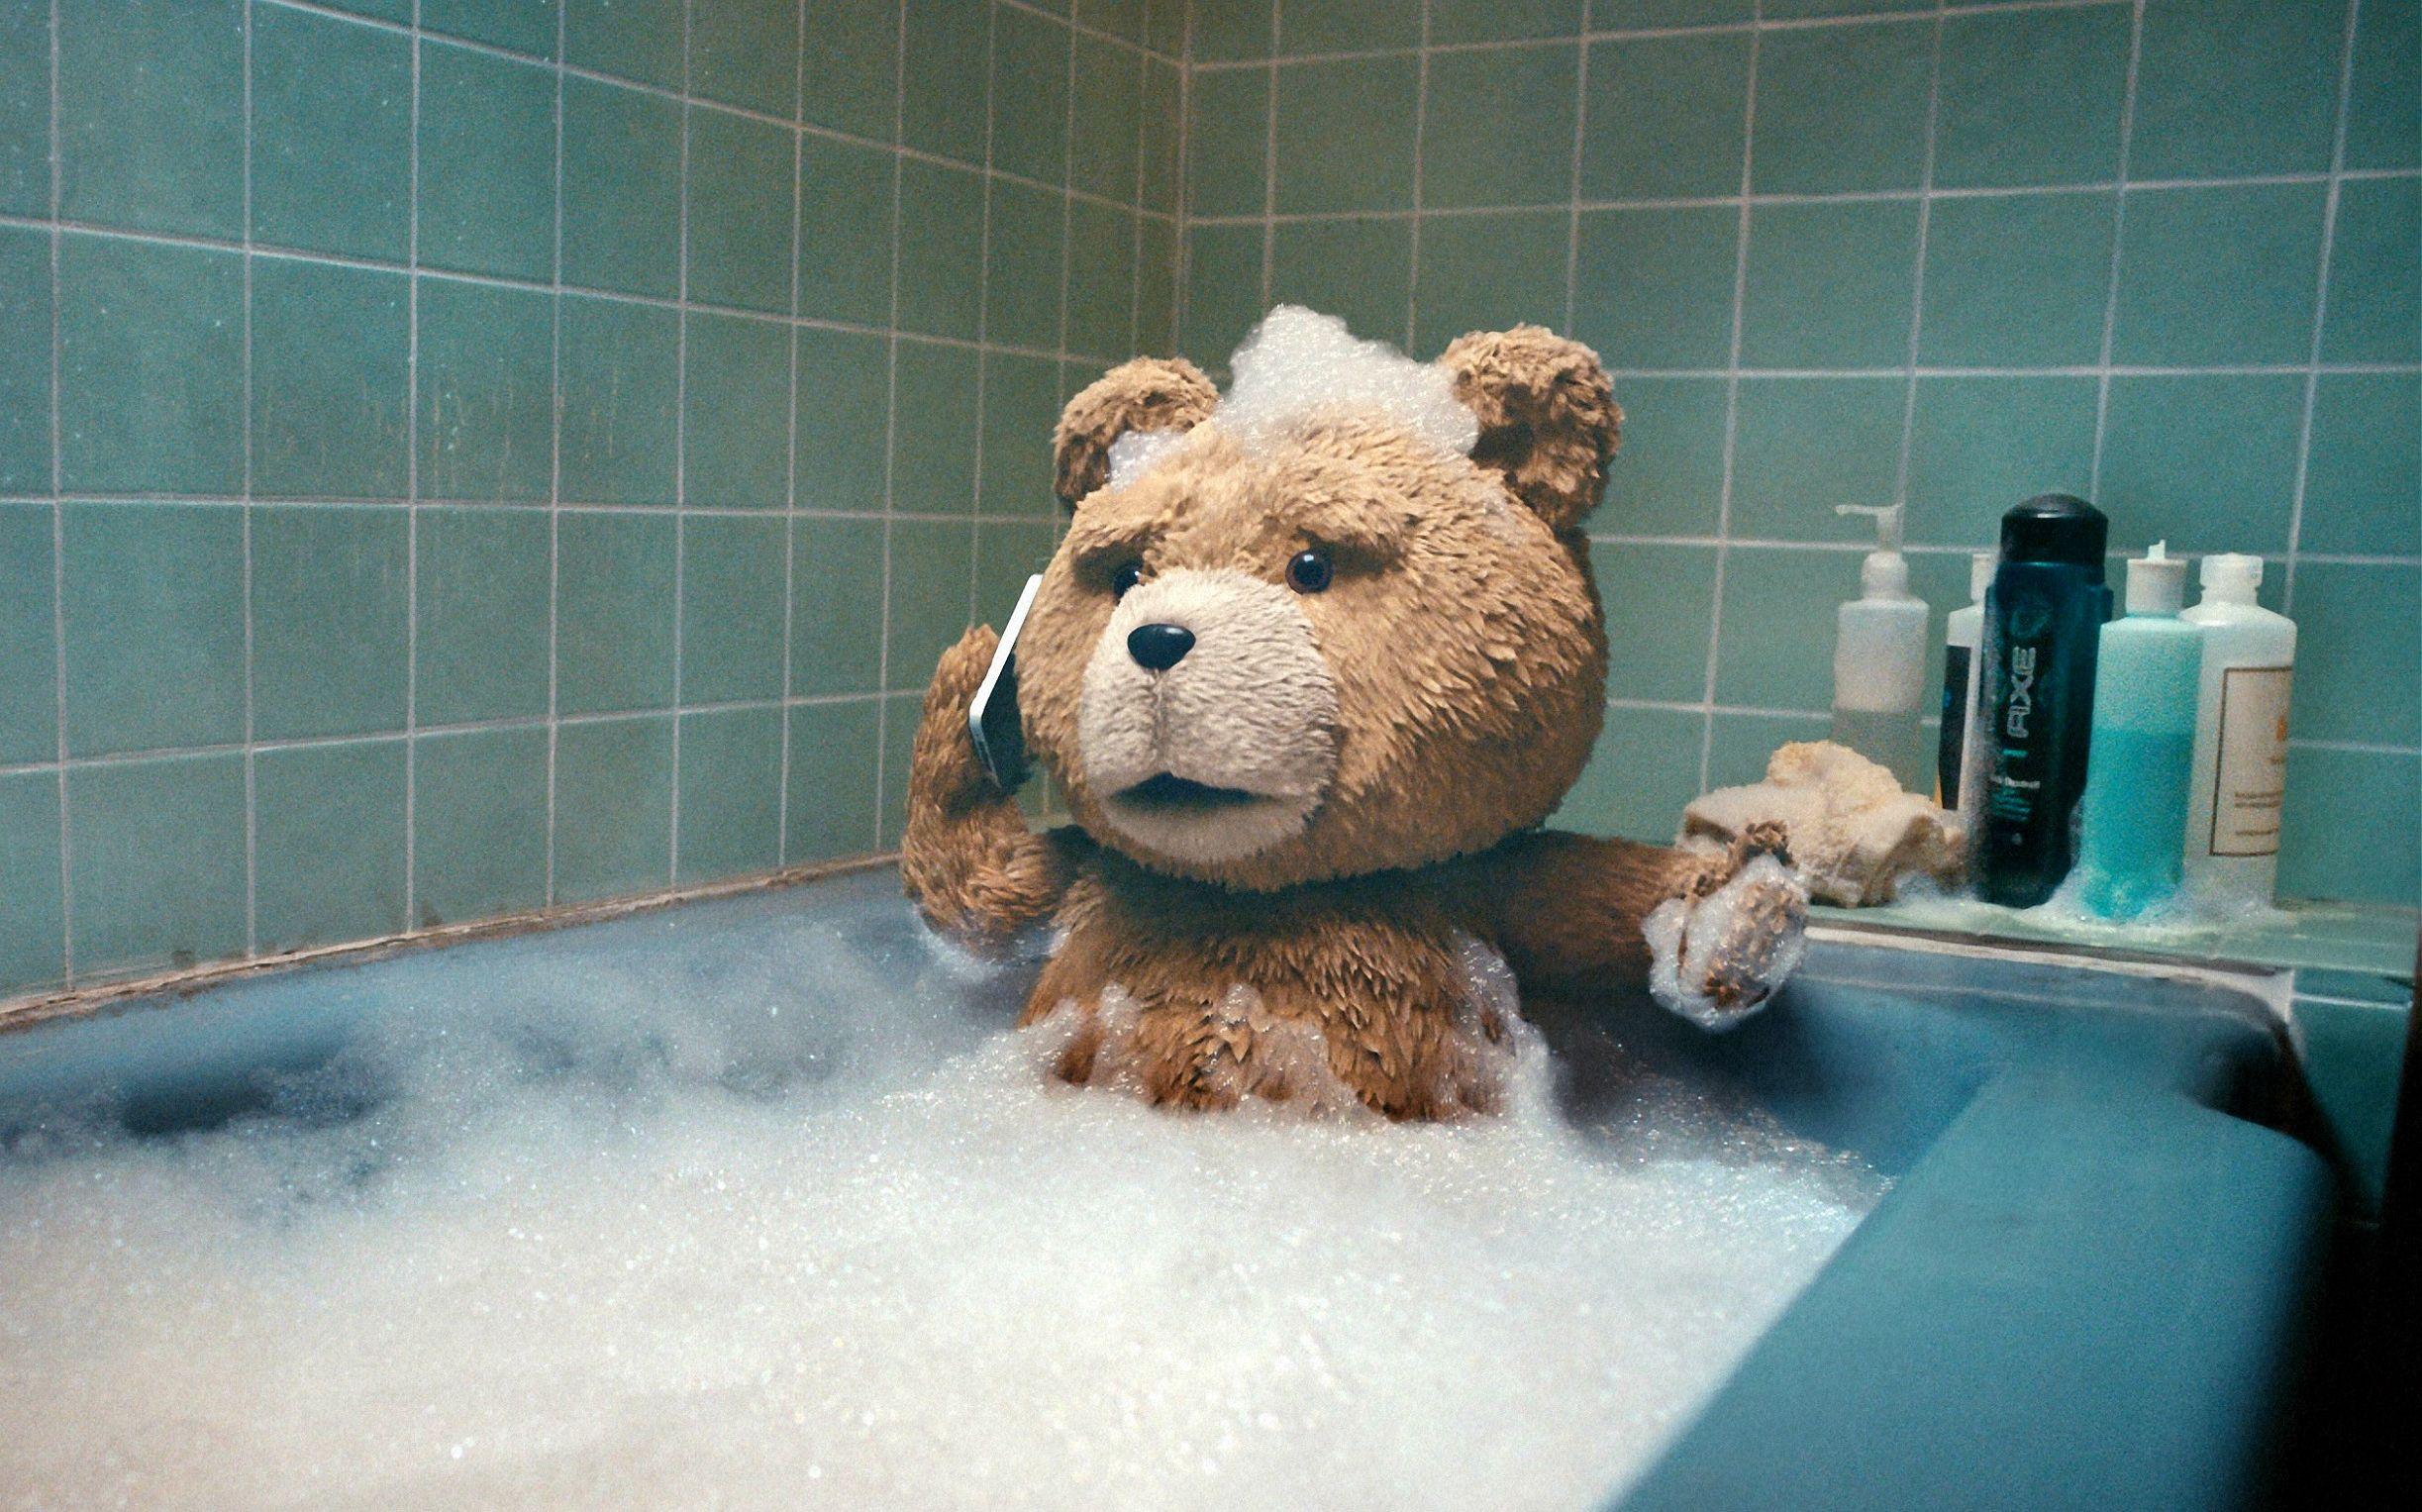 一部人和熊性交的电影_有一部美国电影里面有个玩具熊和人一样会动会说话的!